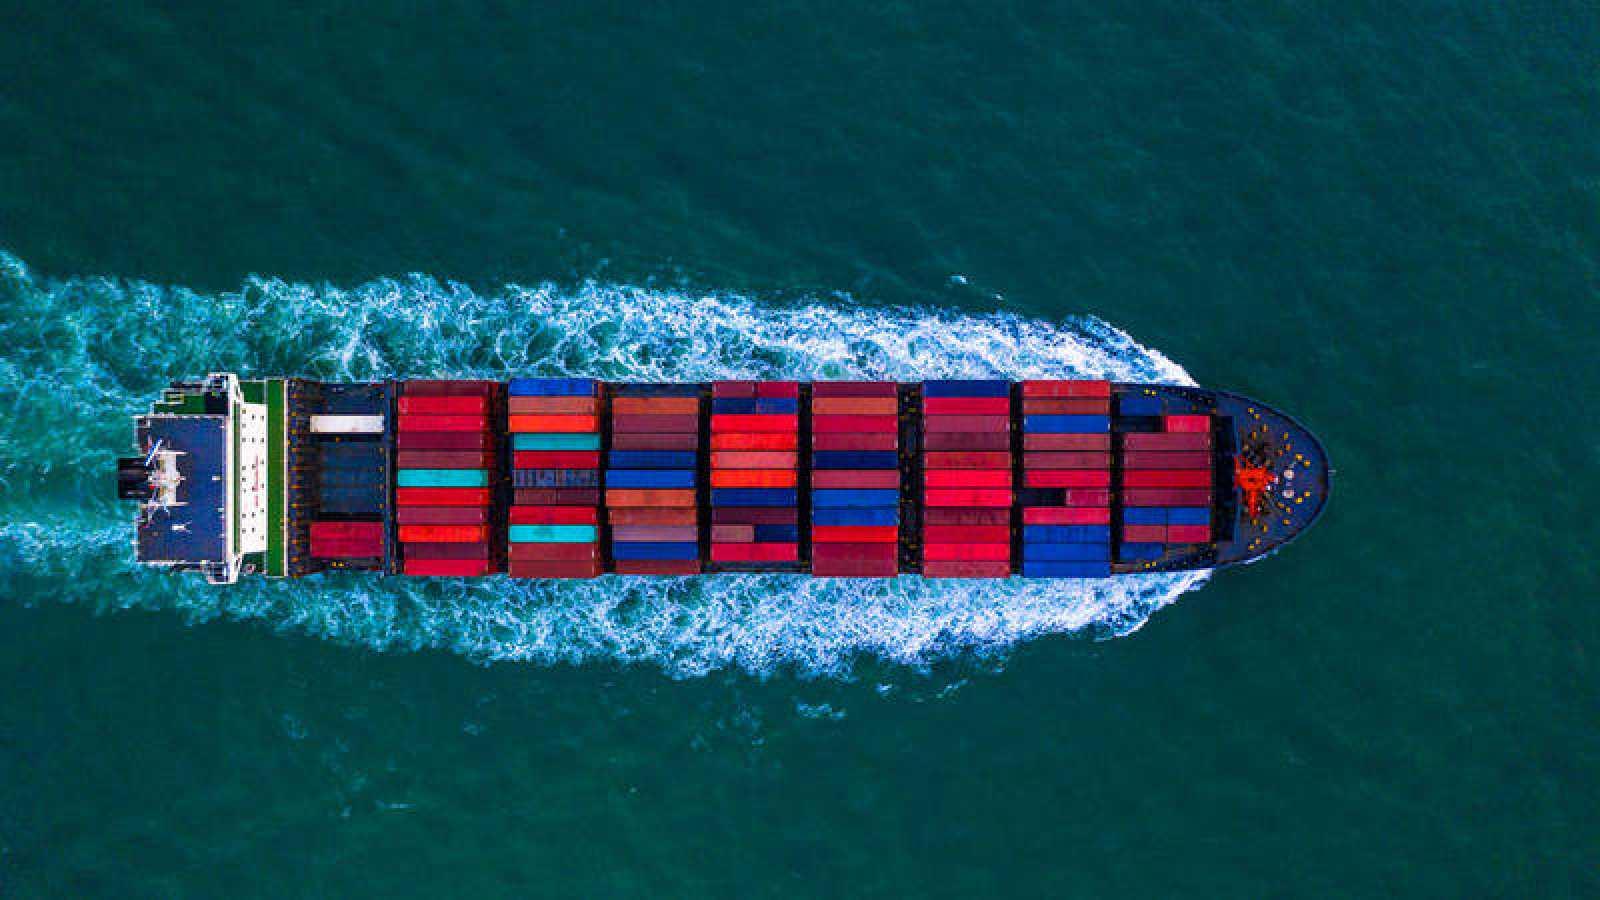 Un carguero transporta mercancías